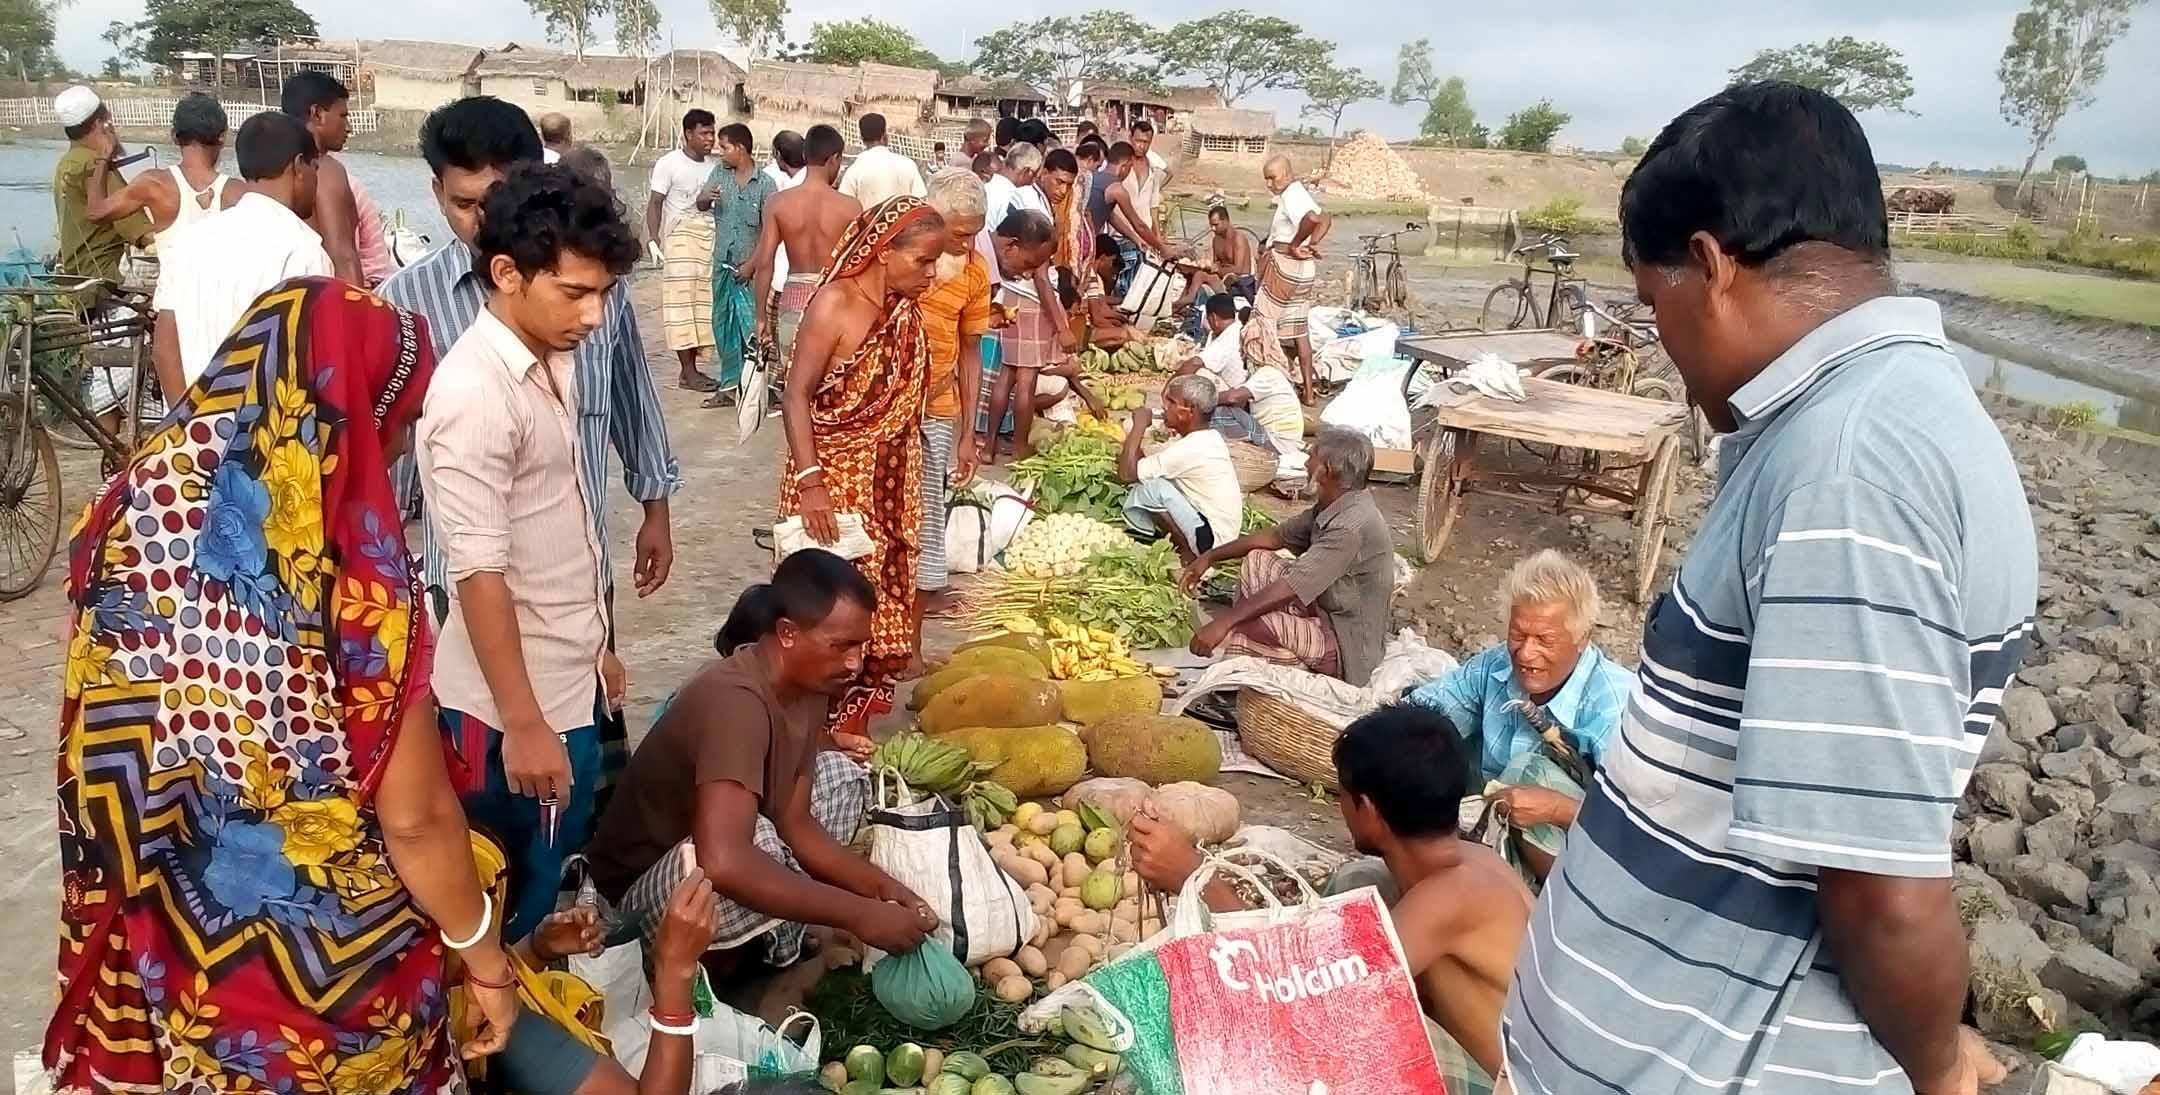 পাইকগাছায় শংকরদানা ত্রি-পল্লী হাটের উদ্বোধন